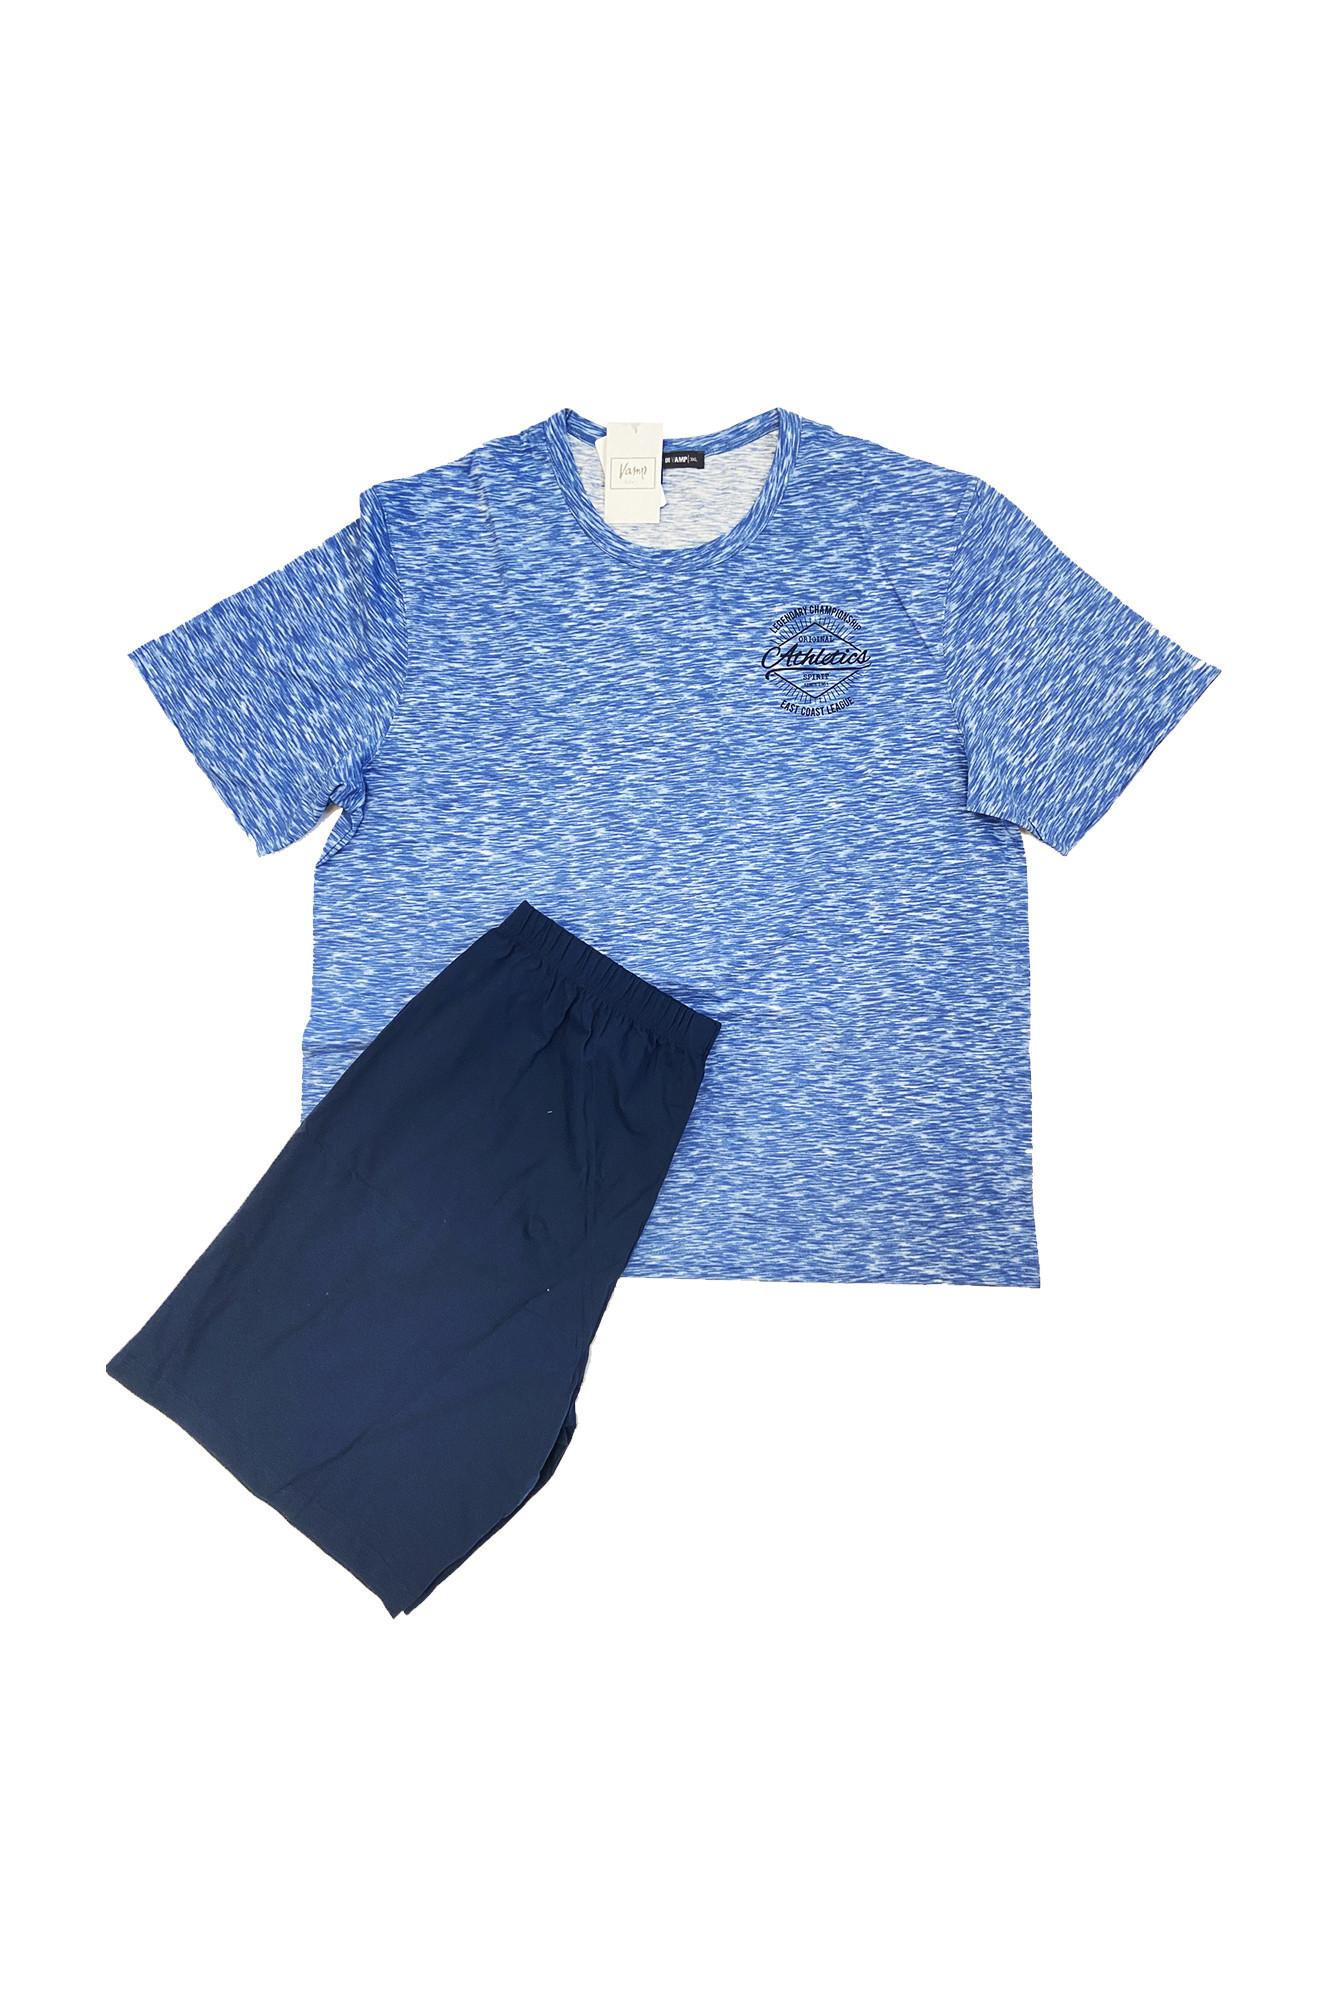 Pánske pyžamo 11952 - Vamp modrá L